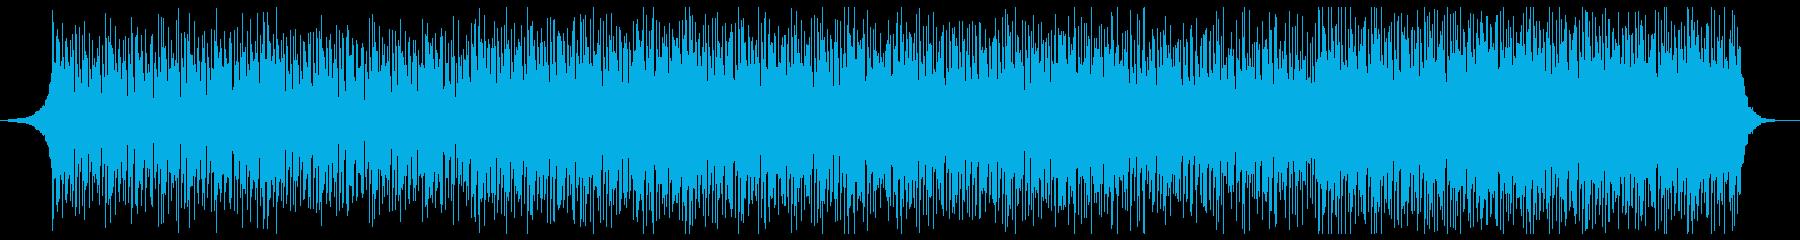 未来の技術 スタイリッシュ テクノ...の再生済みの波形